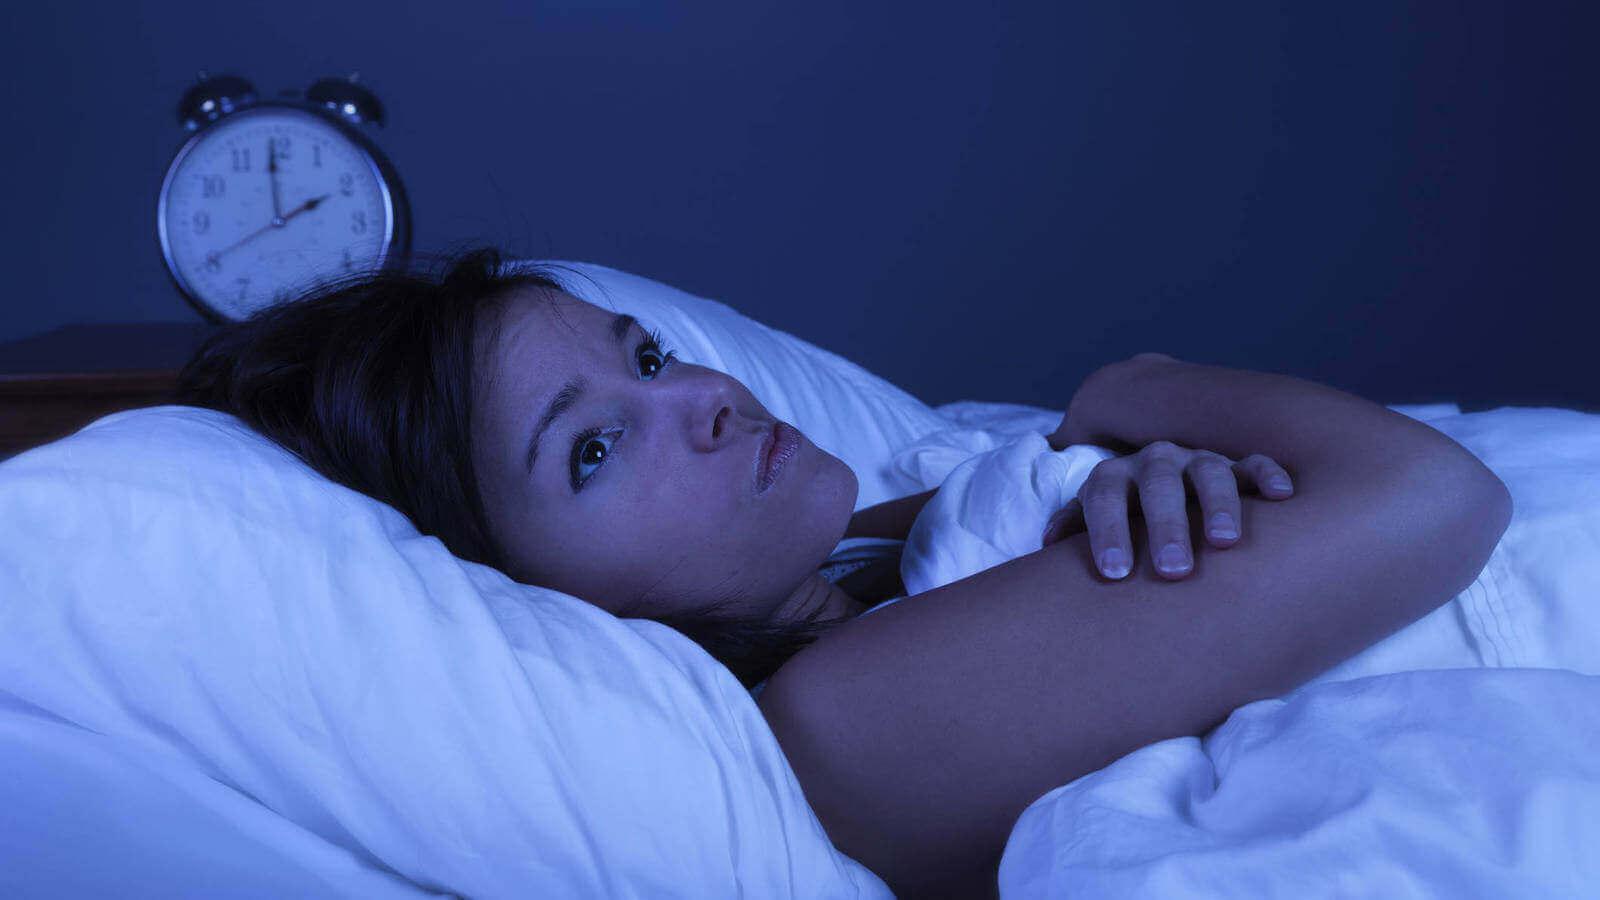 събеждане през нощта и повторно заспиване